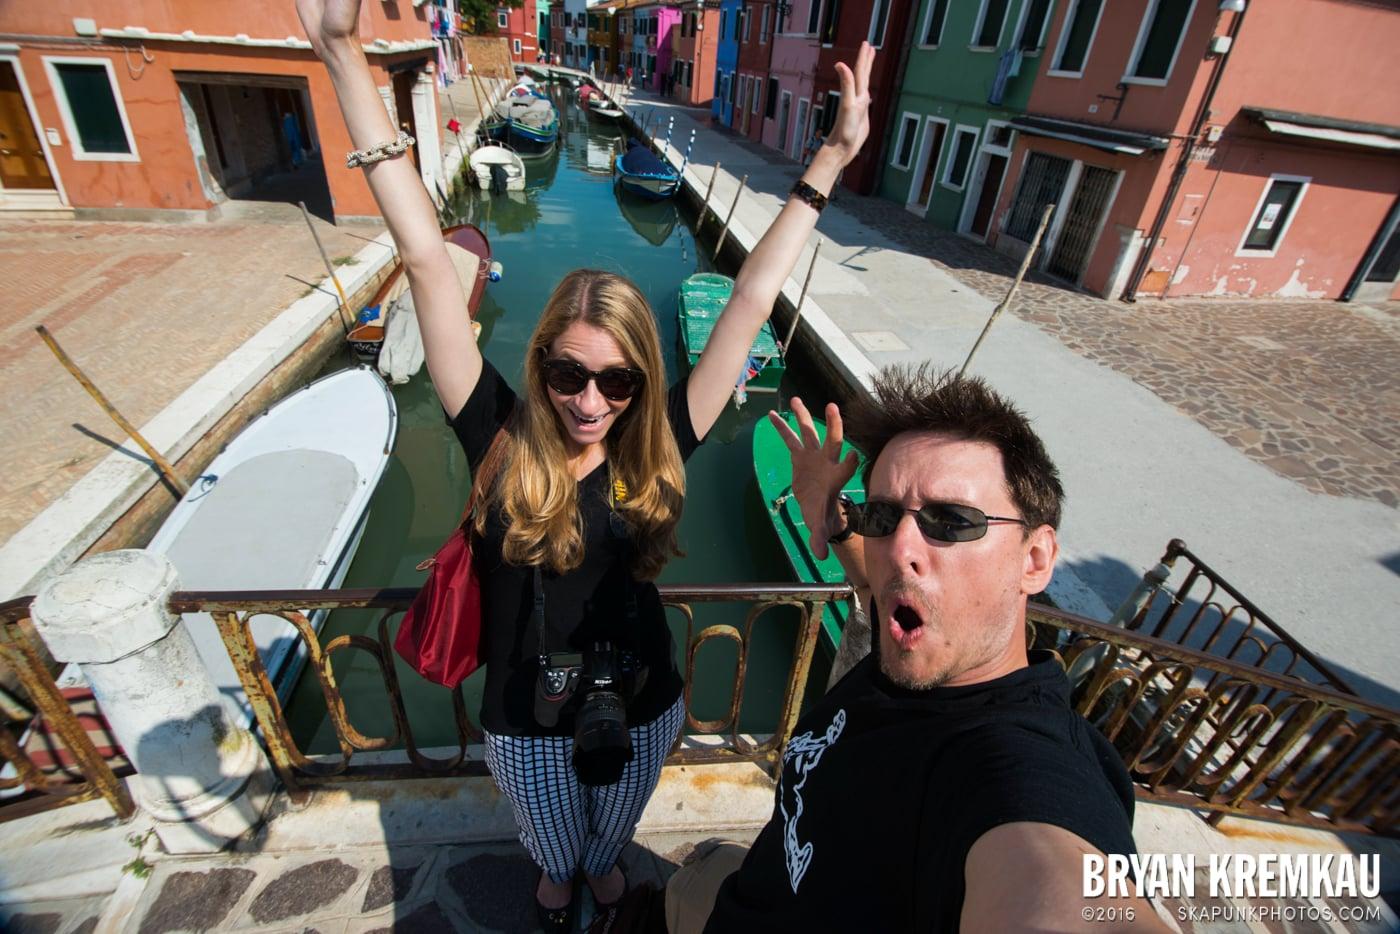 Italy Vacation - Day 6: Murano, Burano, Venice - 9.14.13 (48)